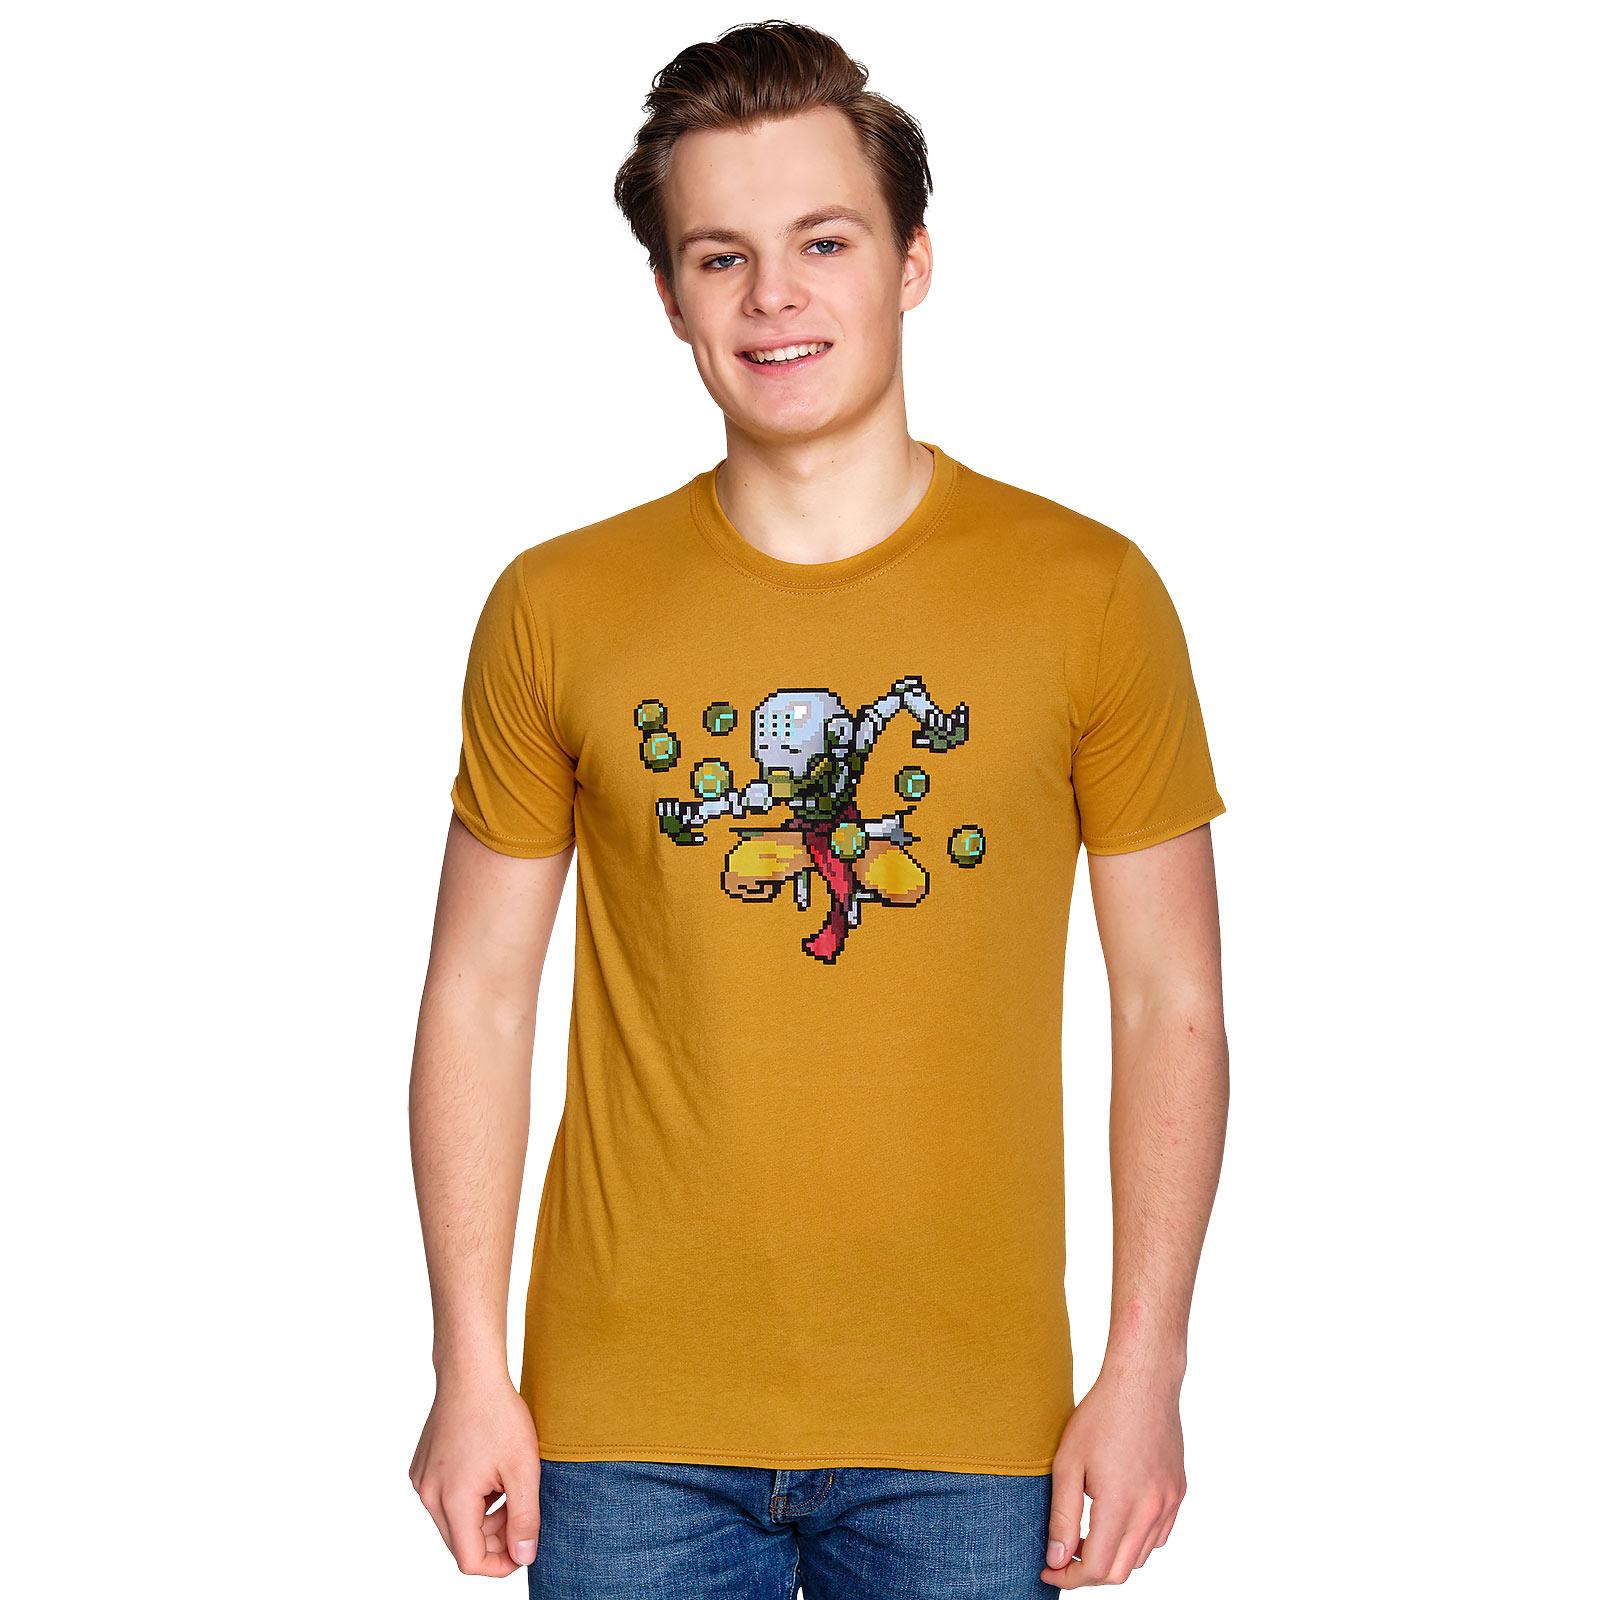 Overwatch - Zenyatta Pixel T-Shirt gelb